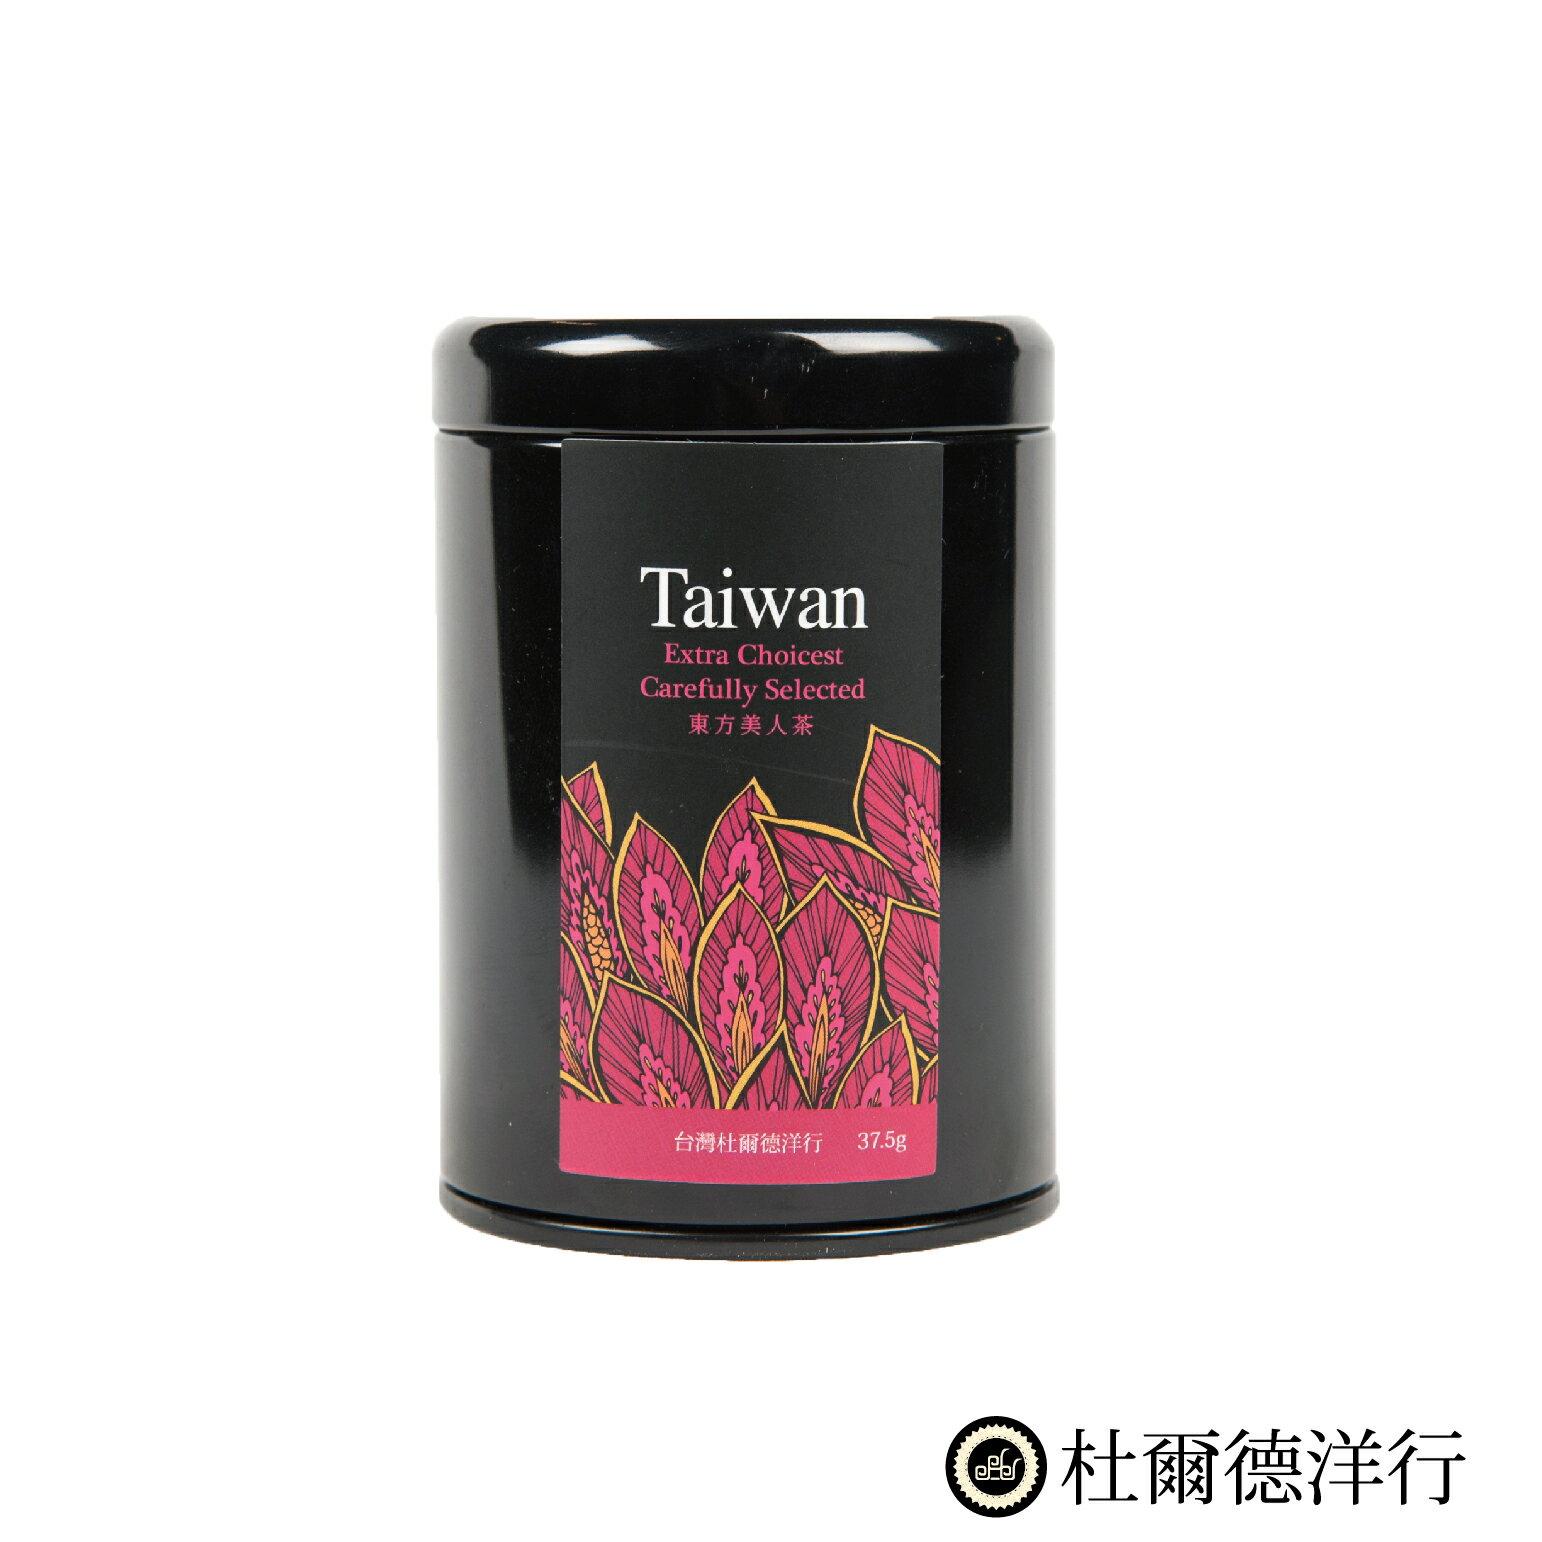 【杜爾德洋行 Dodd Tea】嚴選東方美人茶37.5g 0